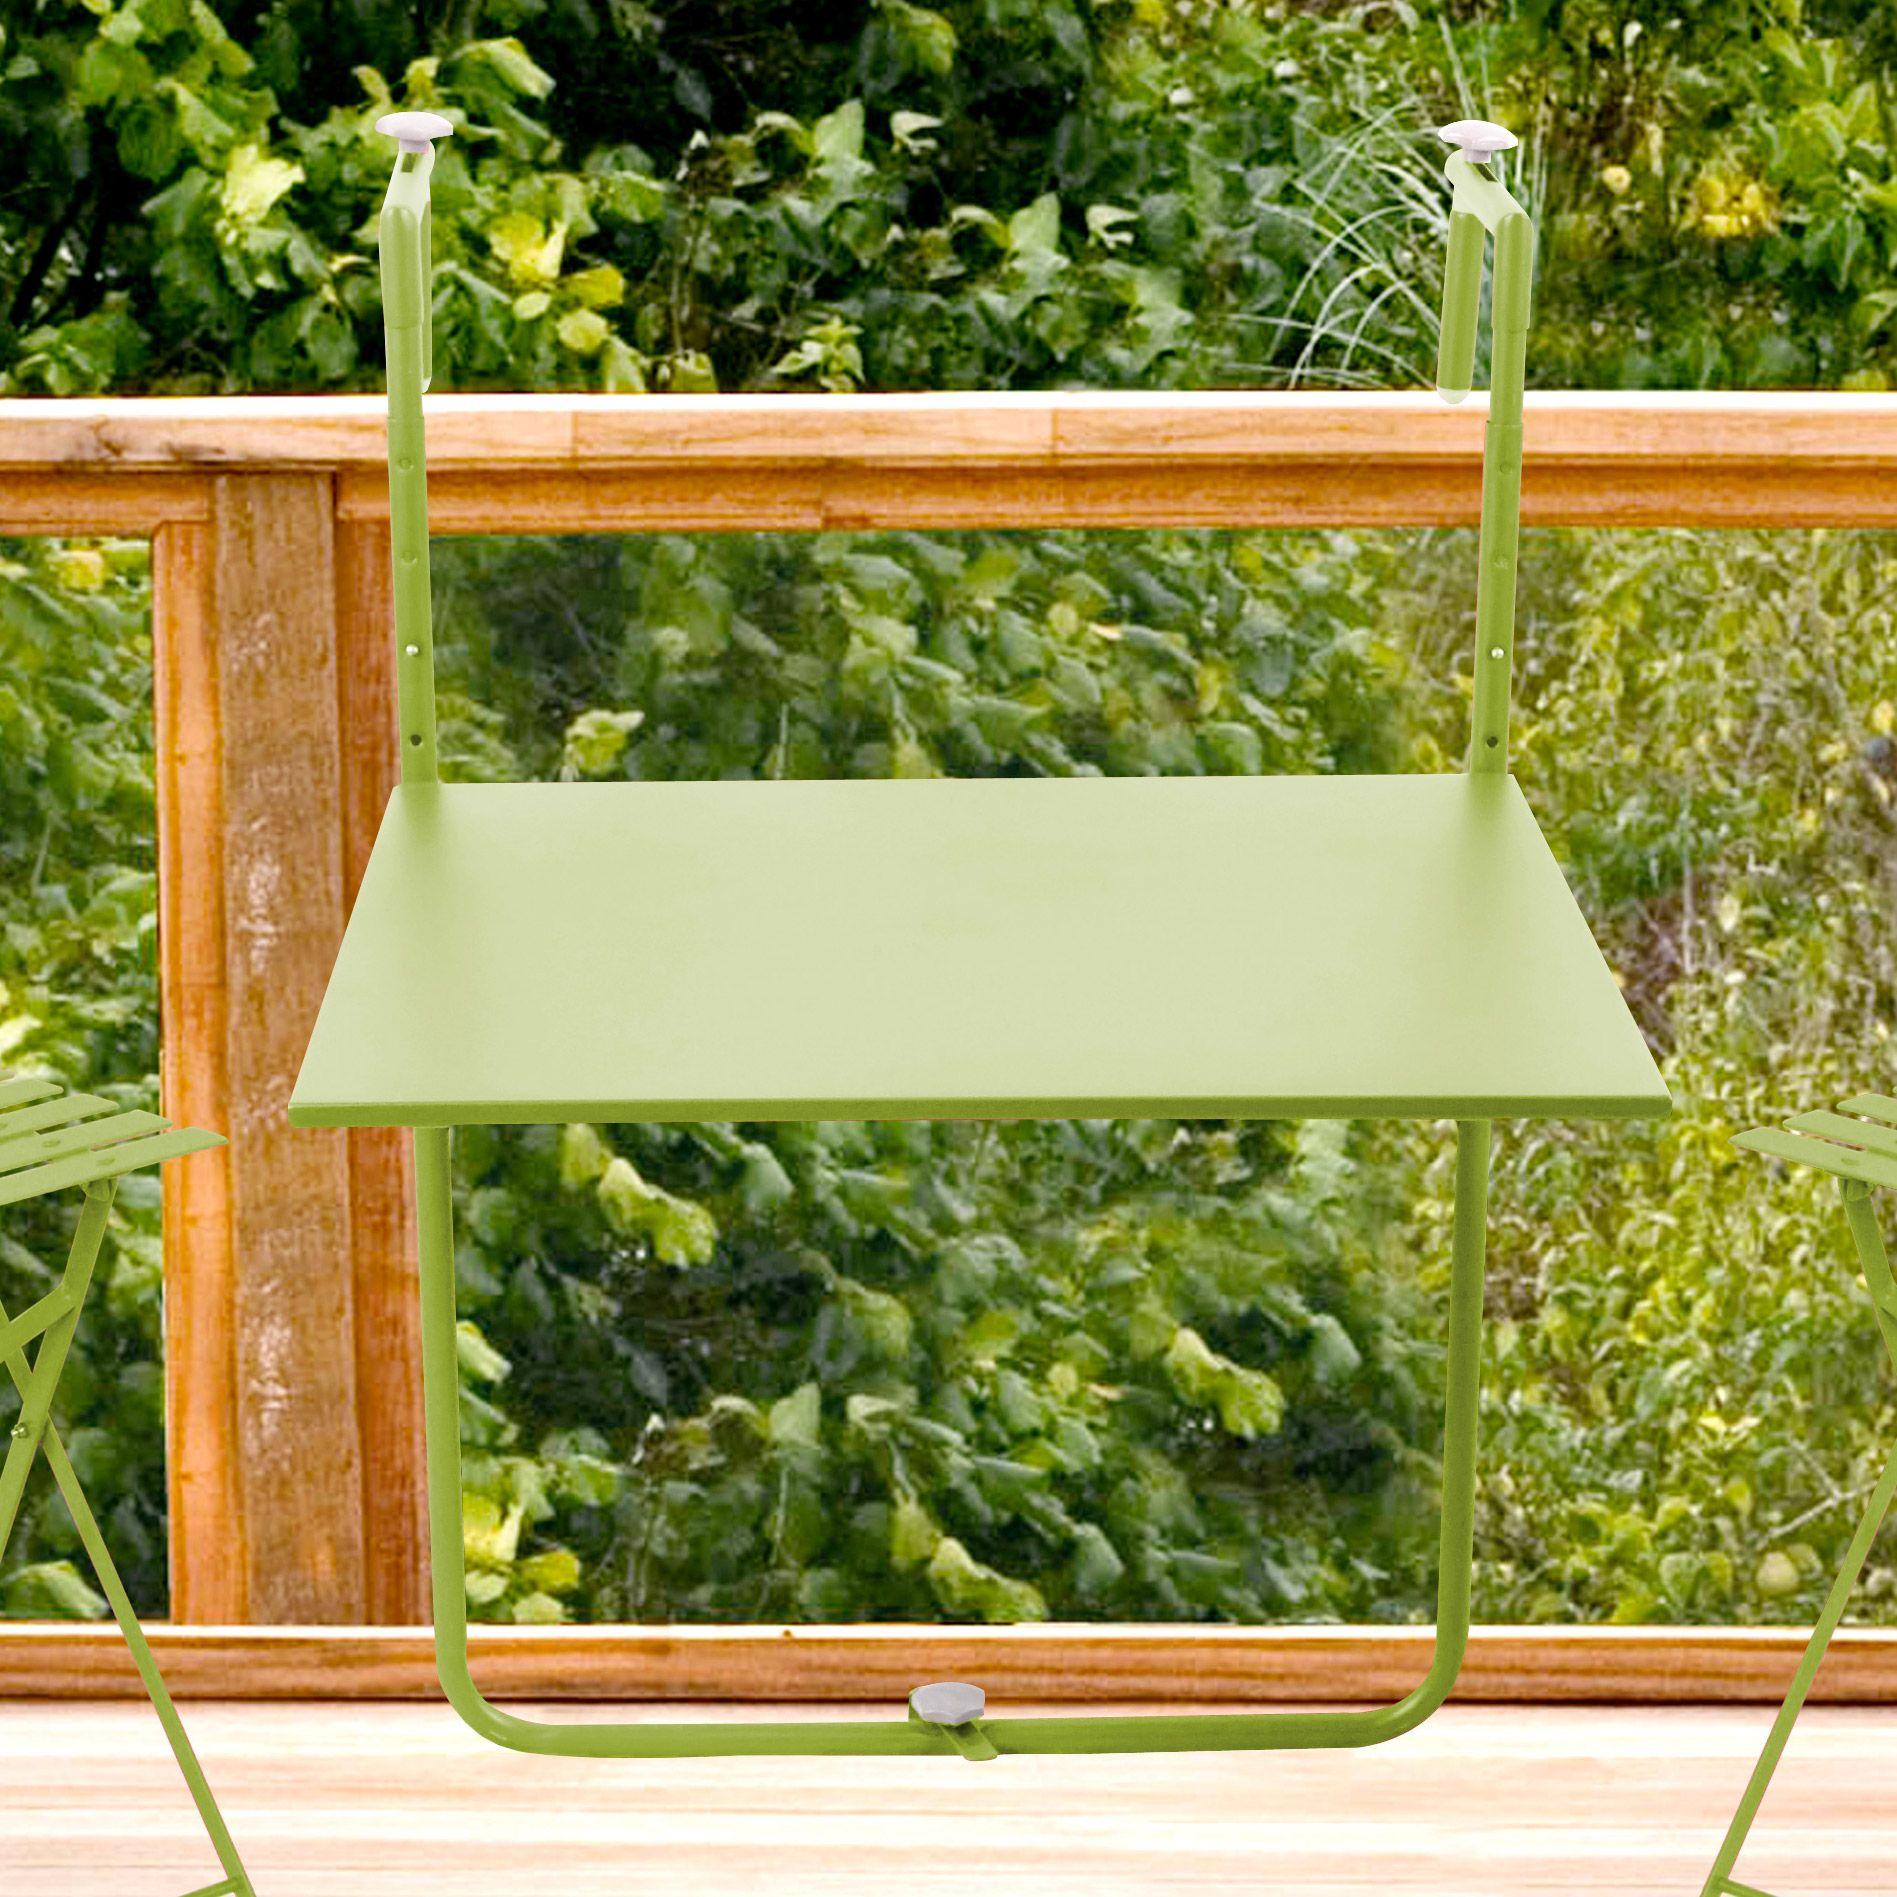 25 legjobb tlet a pinteresten a k vetkez vel - Guirlande lumineuse exterieur ikea ...